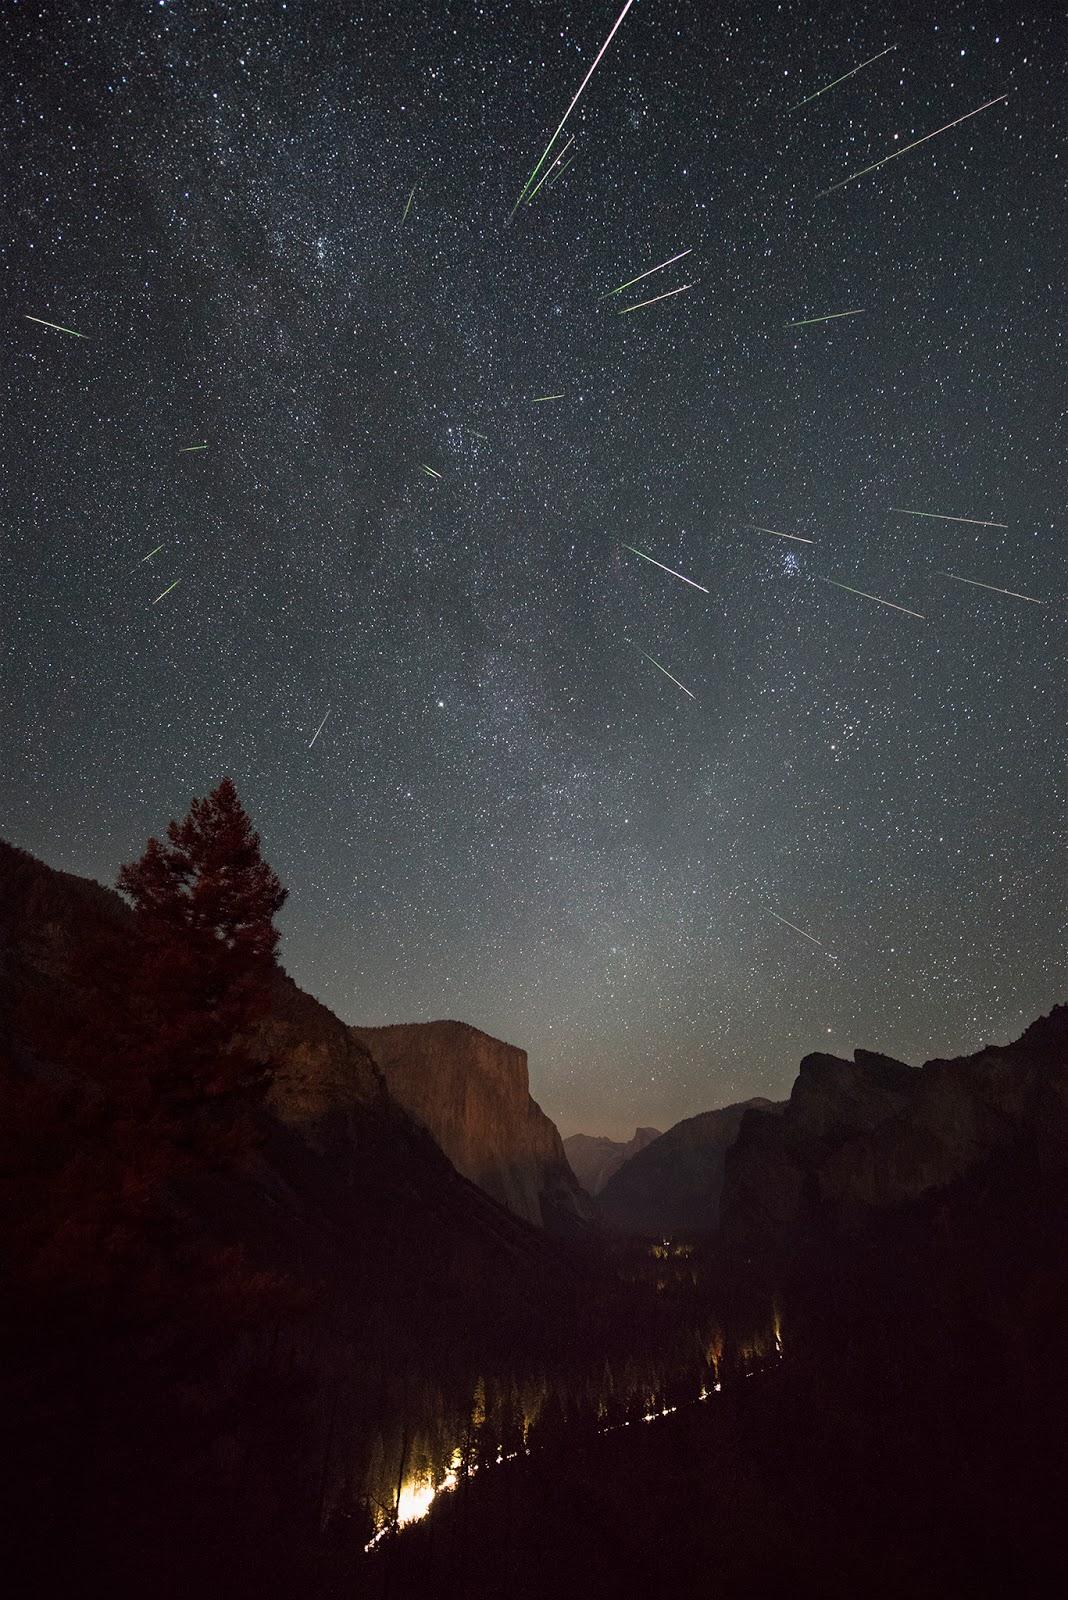 Đêm của mưa sao băng Perseid ở Yosemite. Tác giả: Mike Shaw.